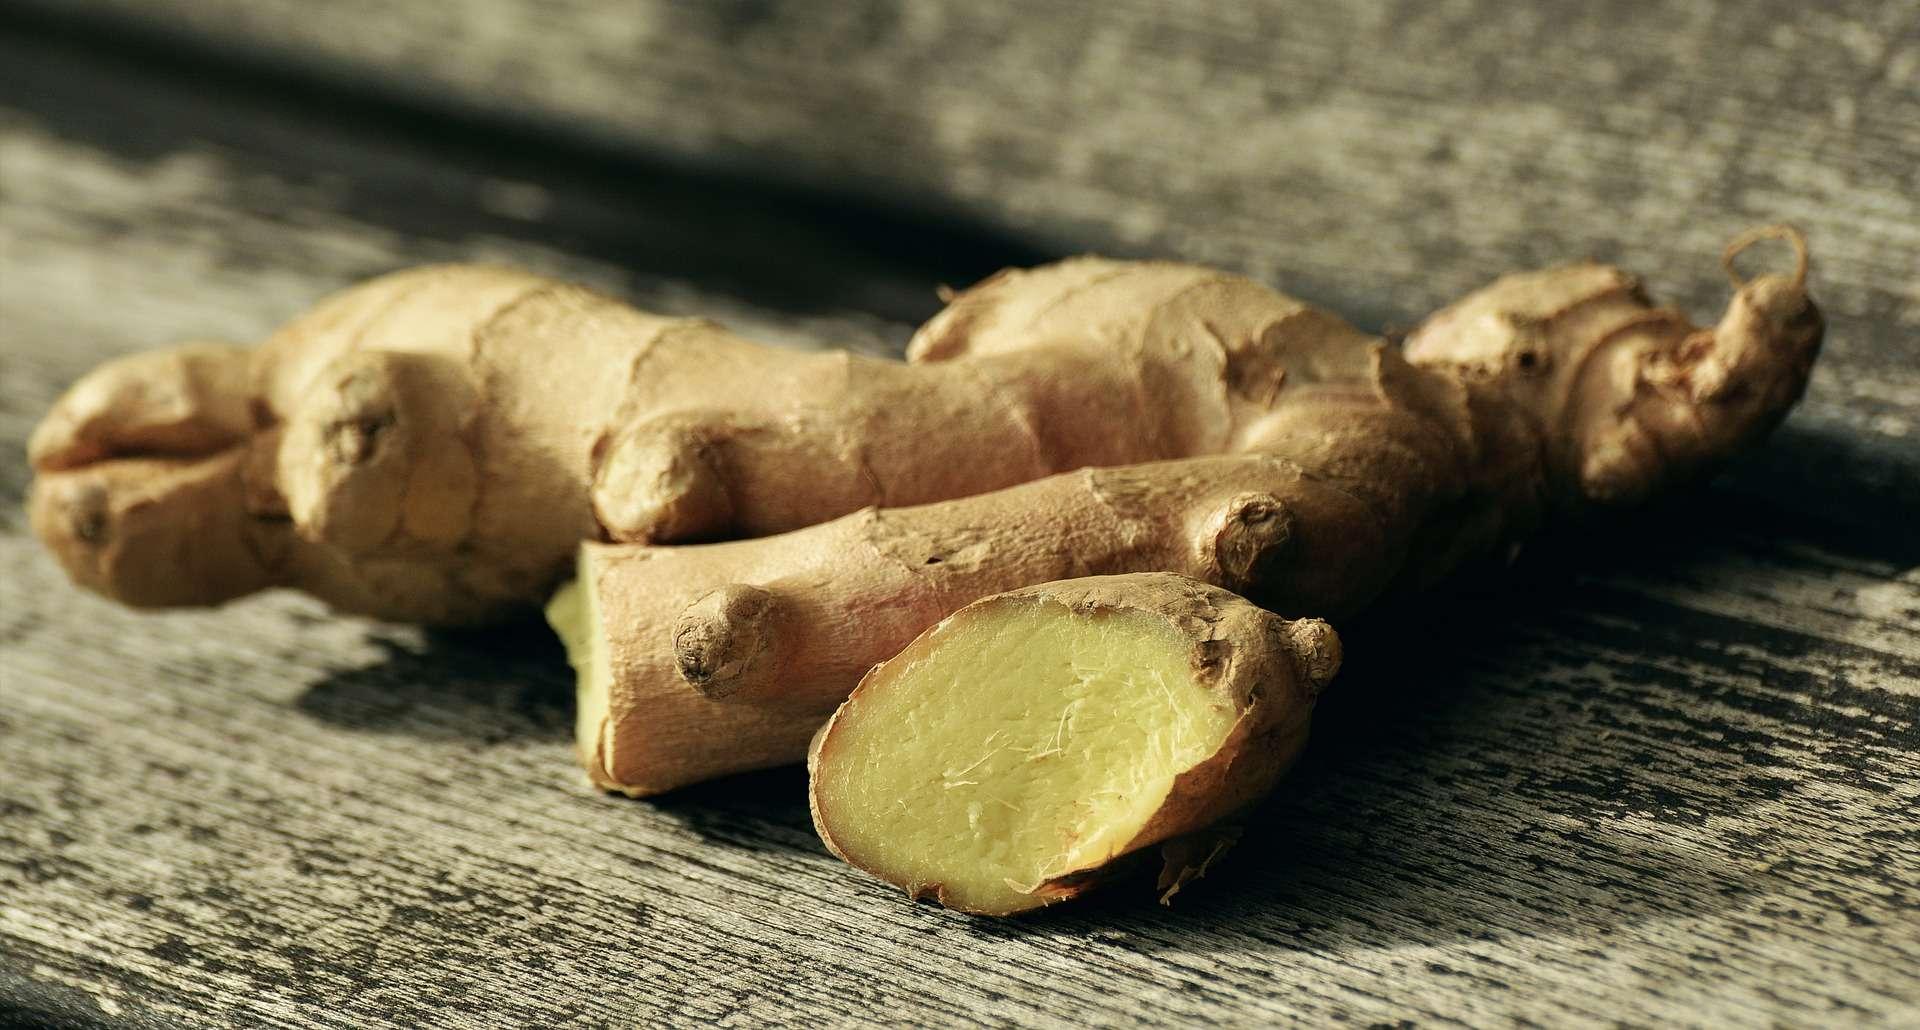 ginger-1714196_1920-1920